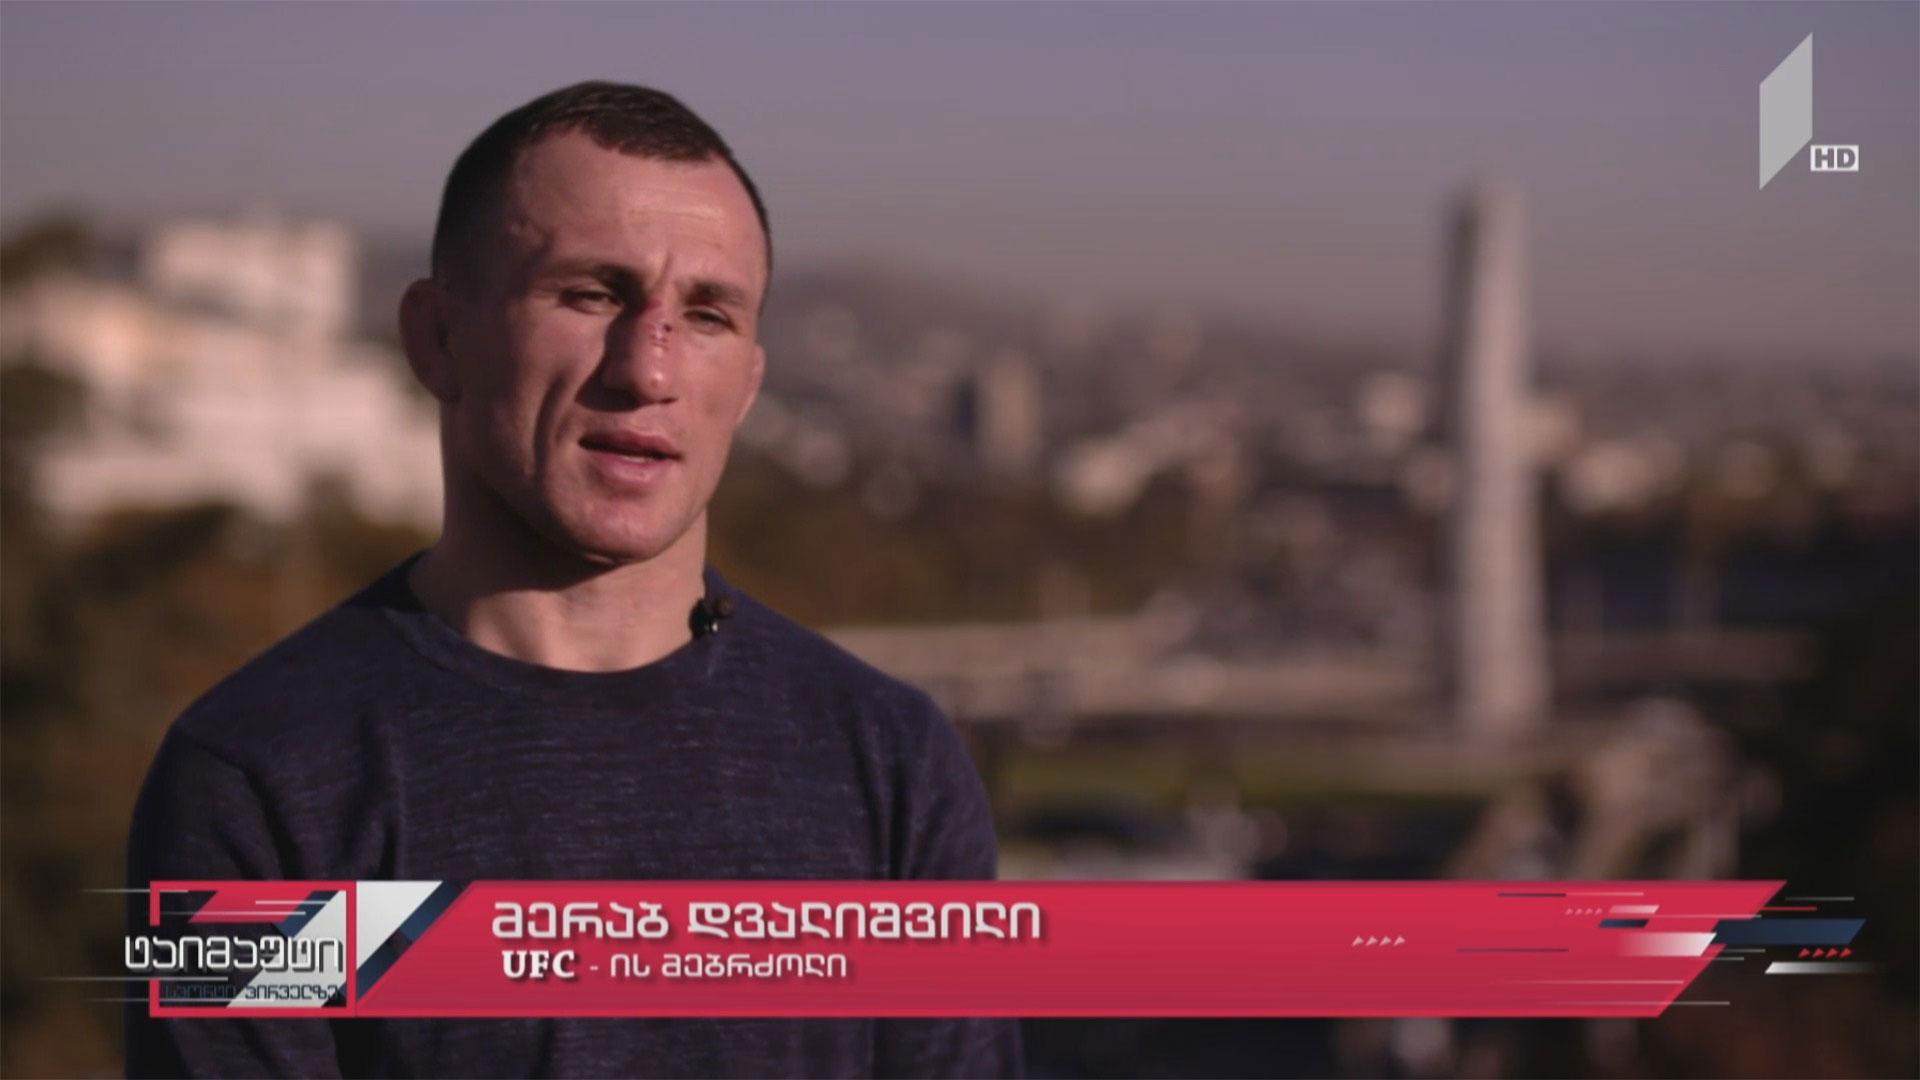 ტაიმაუტი - ინტერვიუ UFC-ის მებრძოლ მერაბ დვალიშვილთან